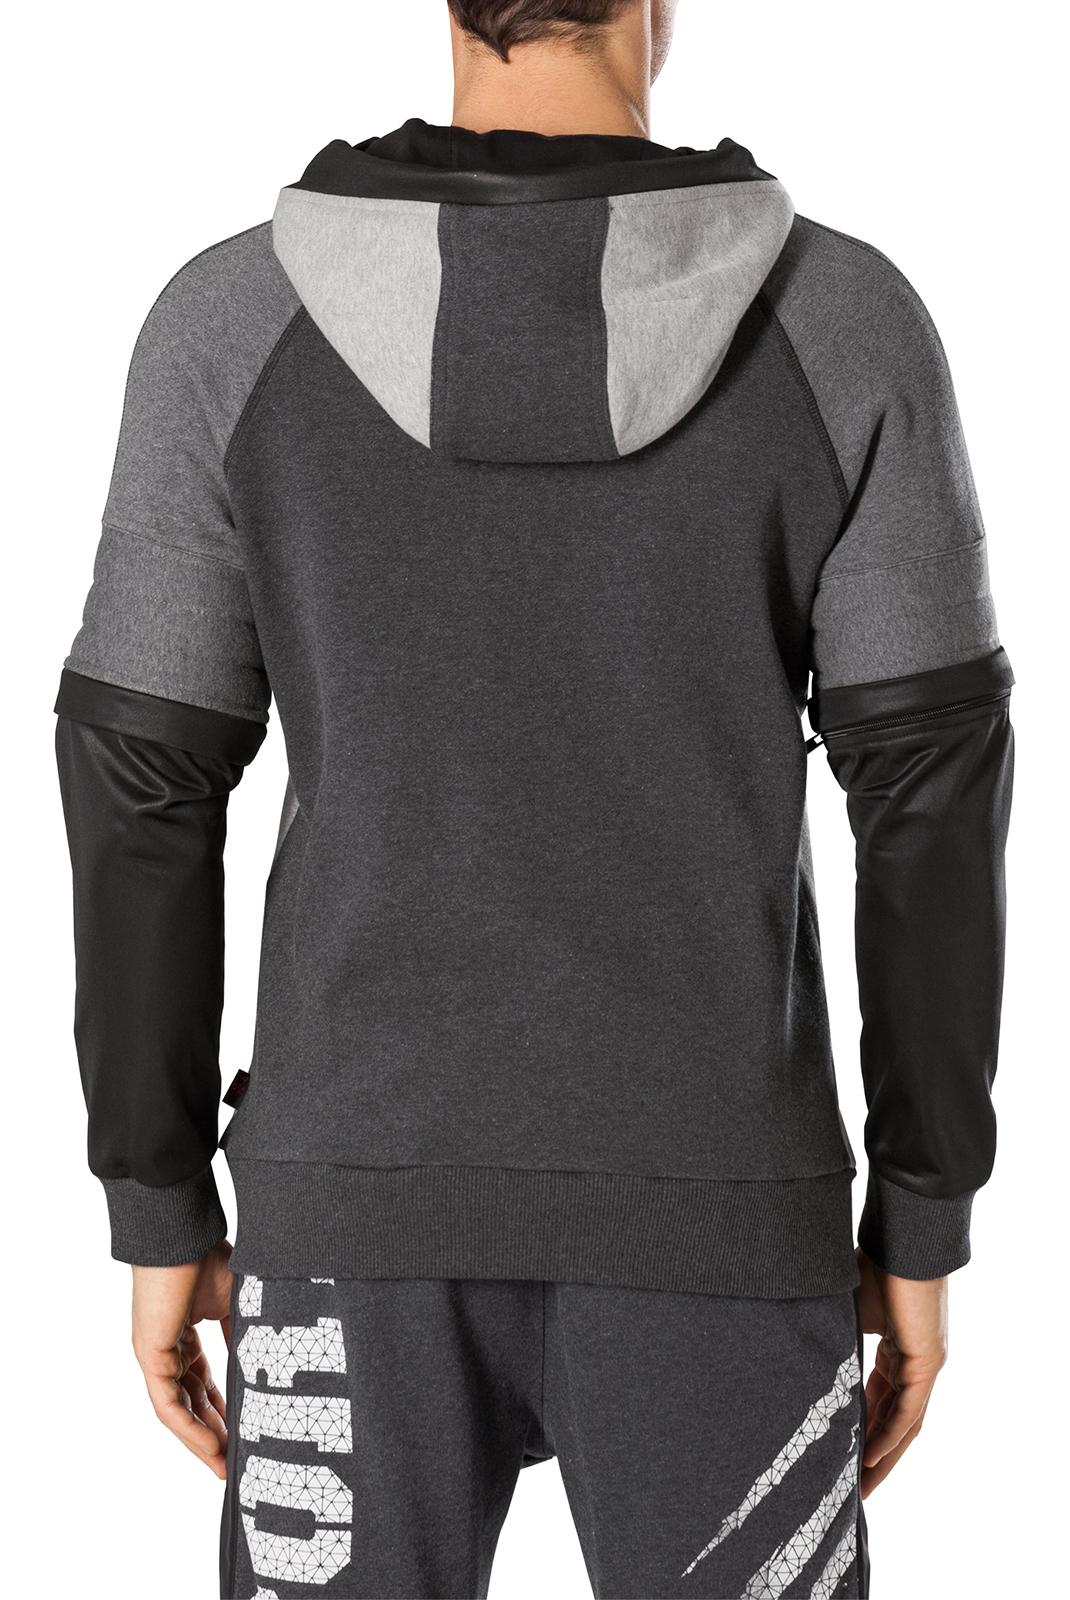 Vestes zippées  Plein Sport MJB0078 CREED 1002 GREY/BLACK